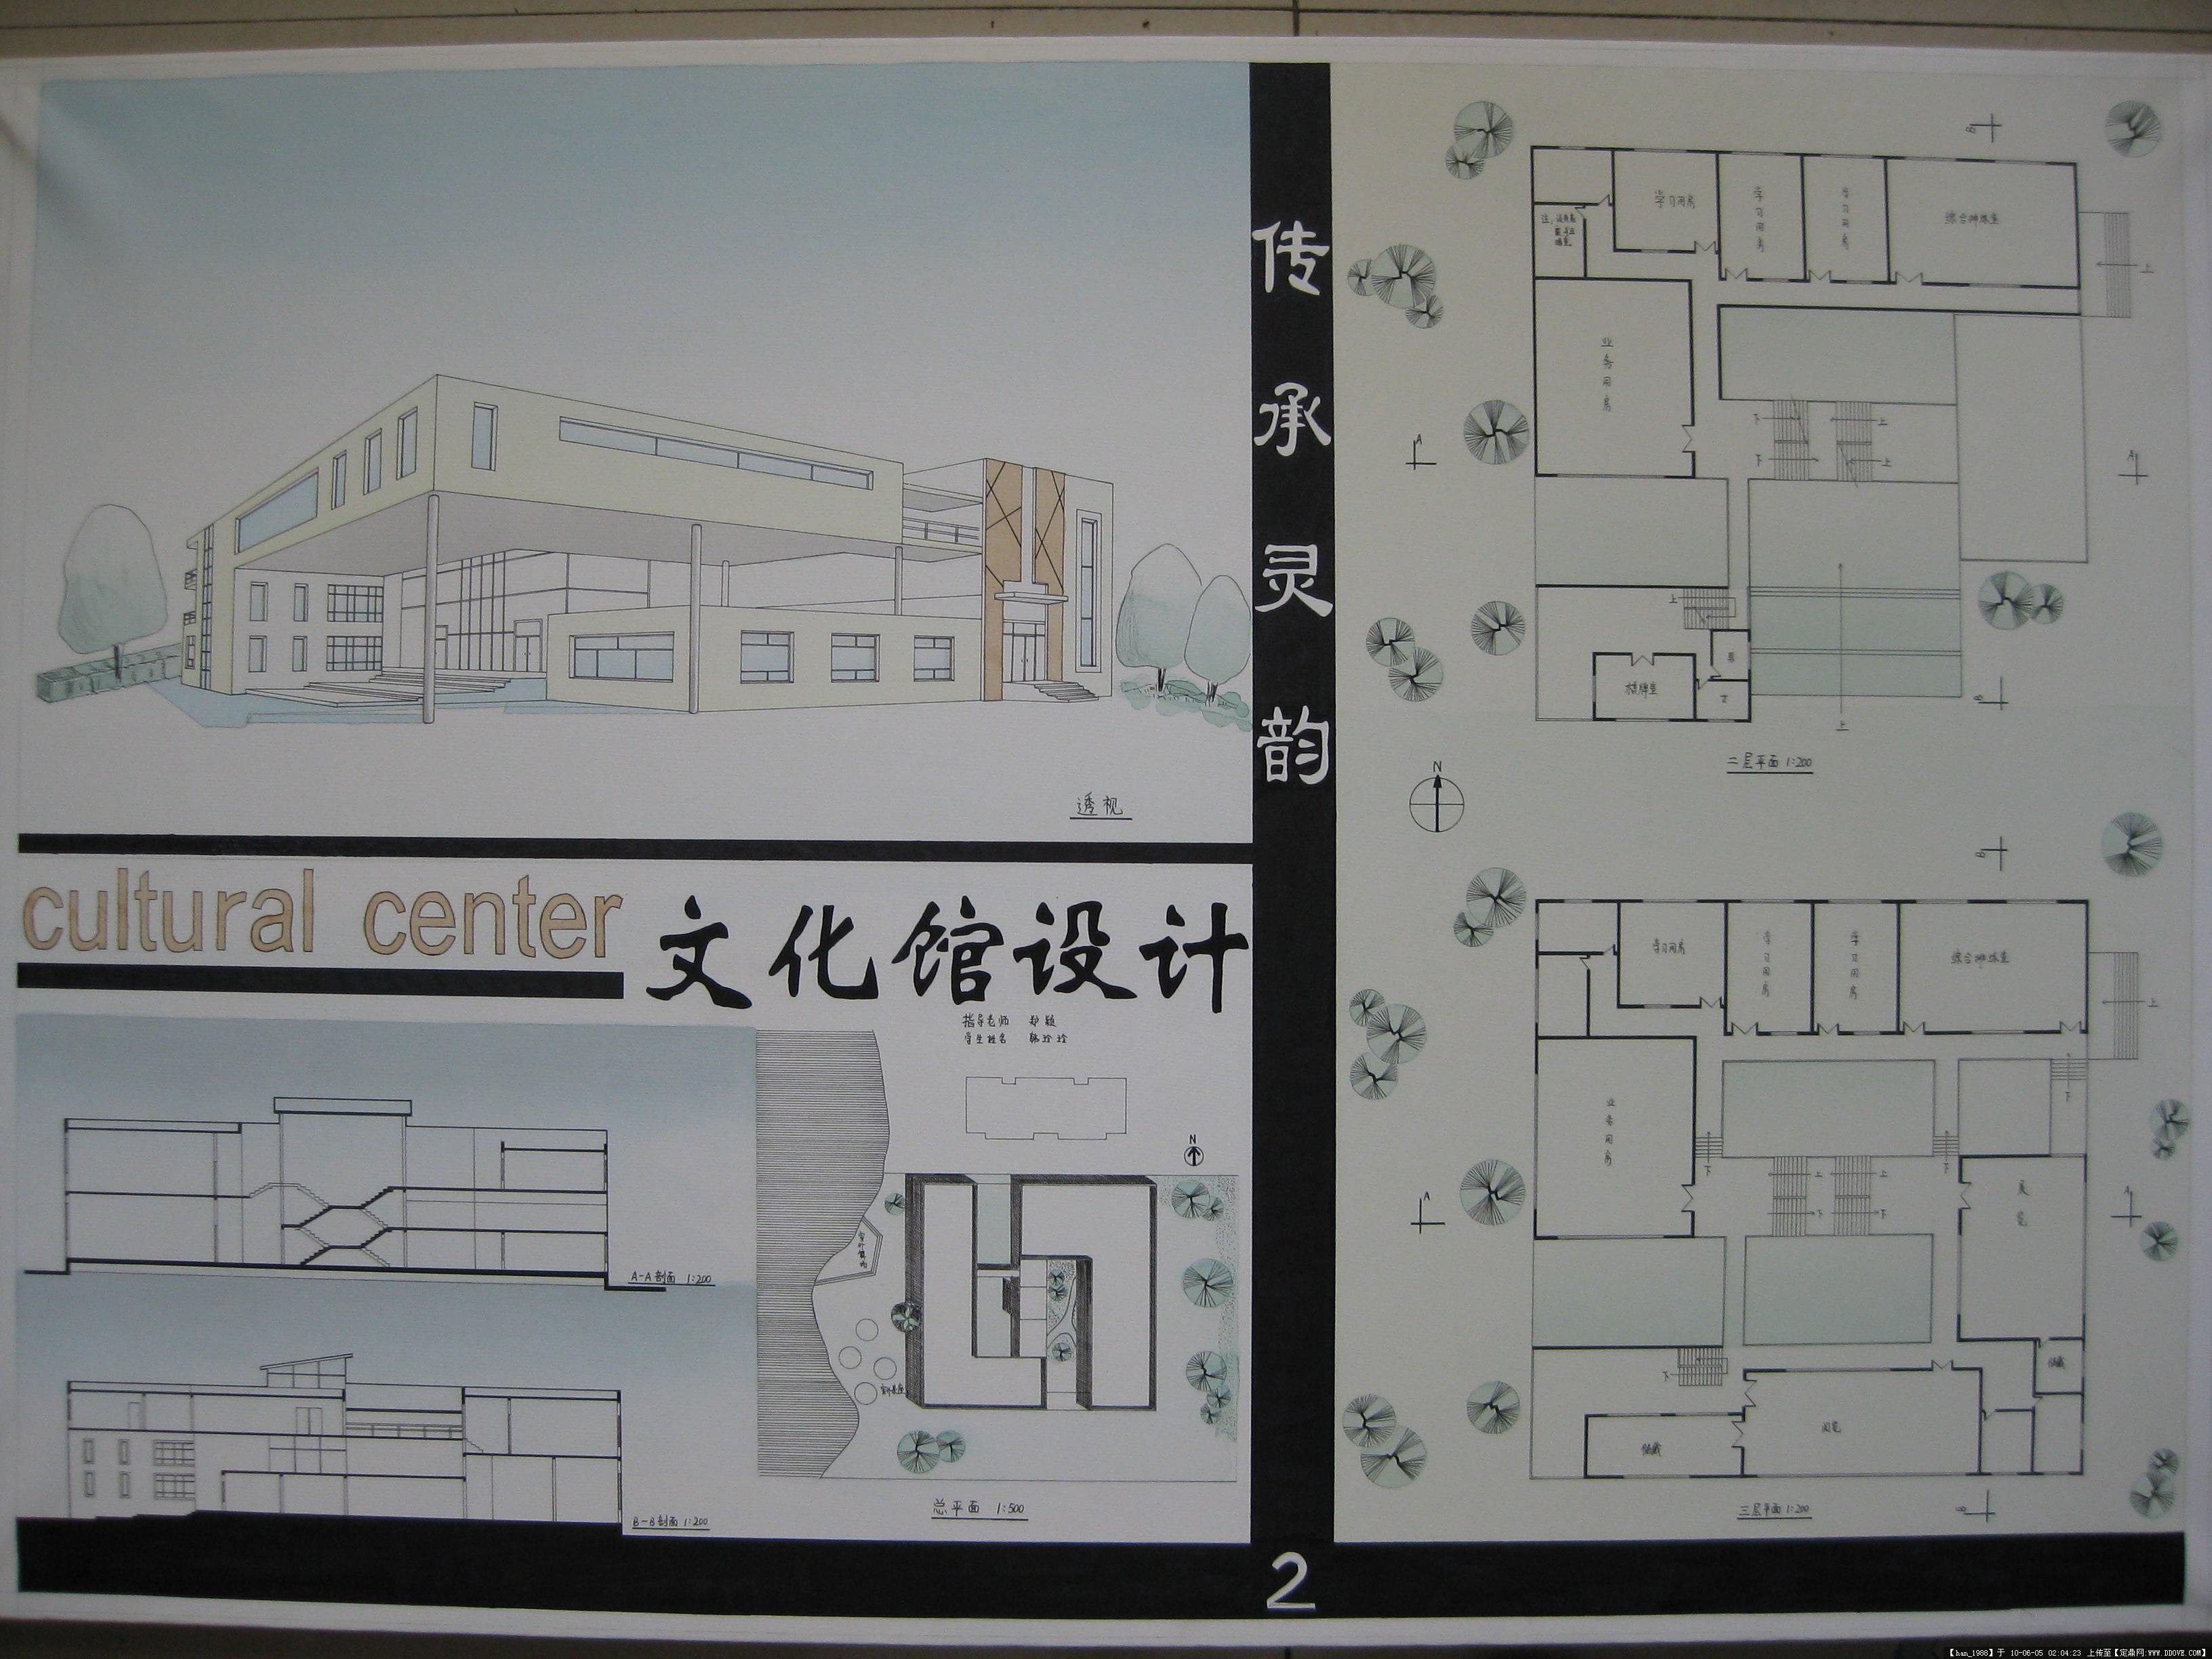 文化馆建筑设计手绘方案